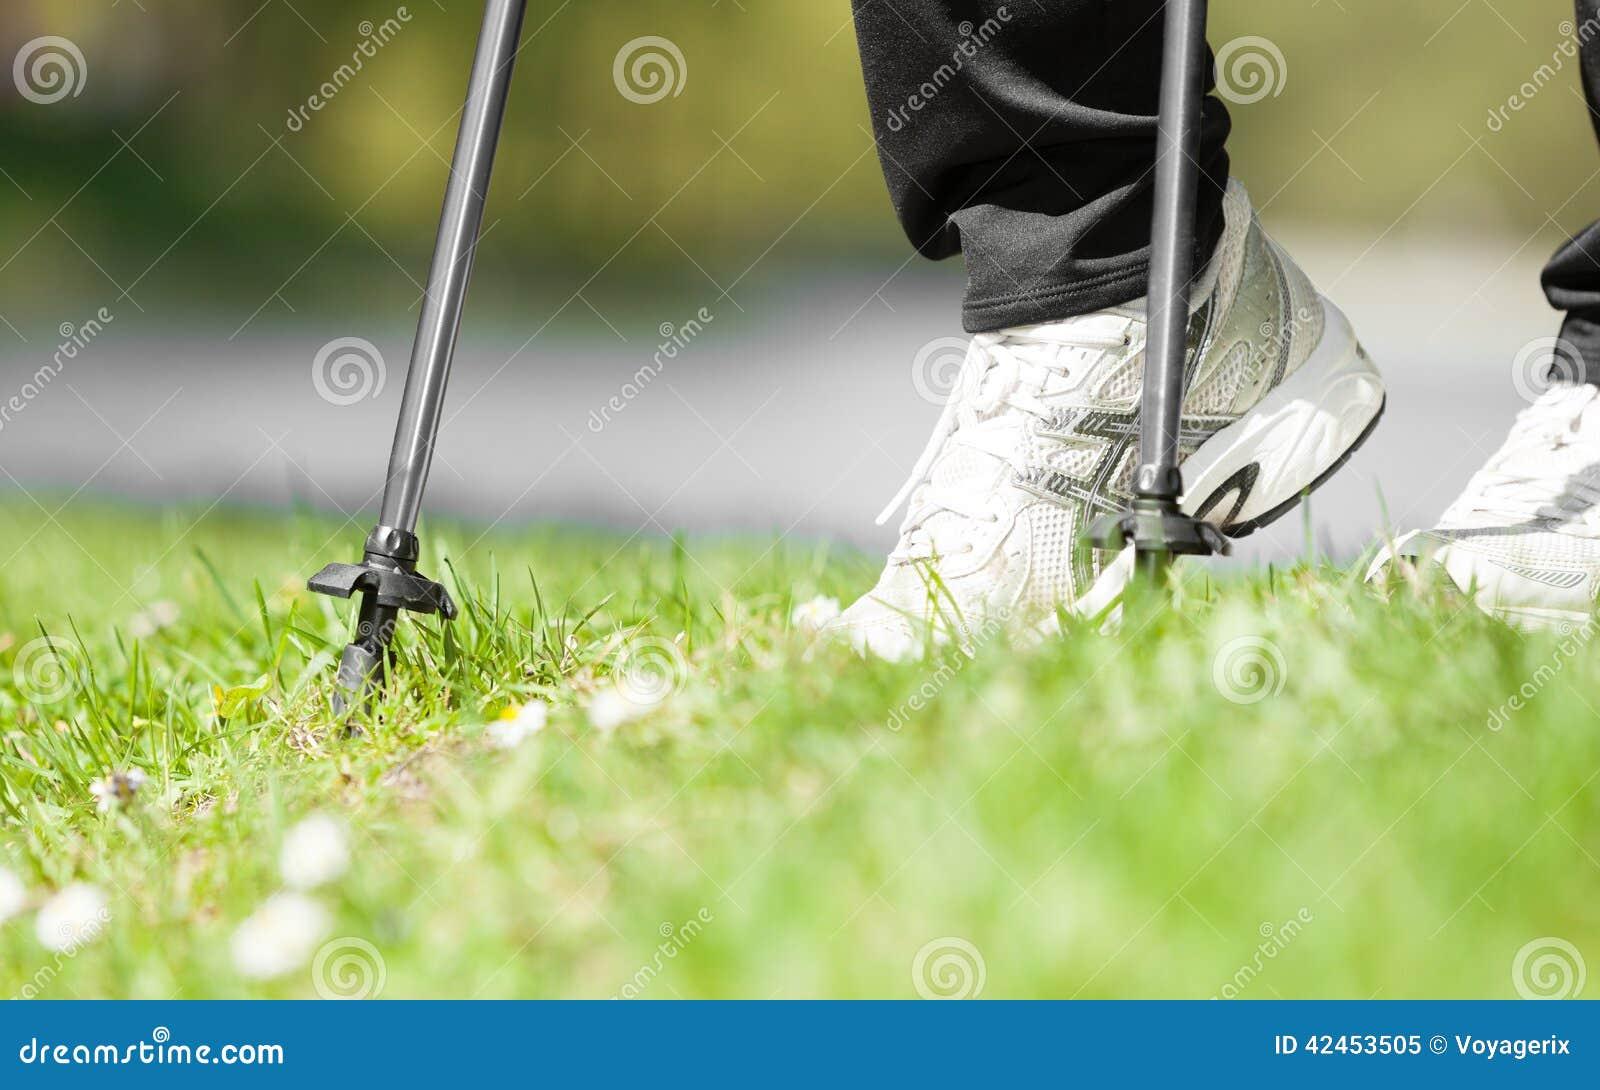 Nordisches Gehen Weibliche Beine, die im Park wandern